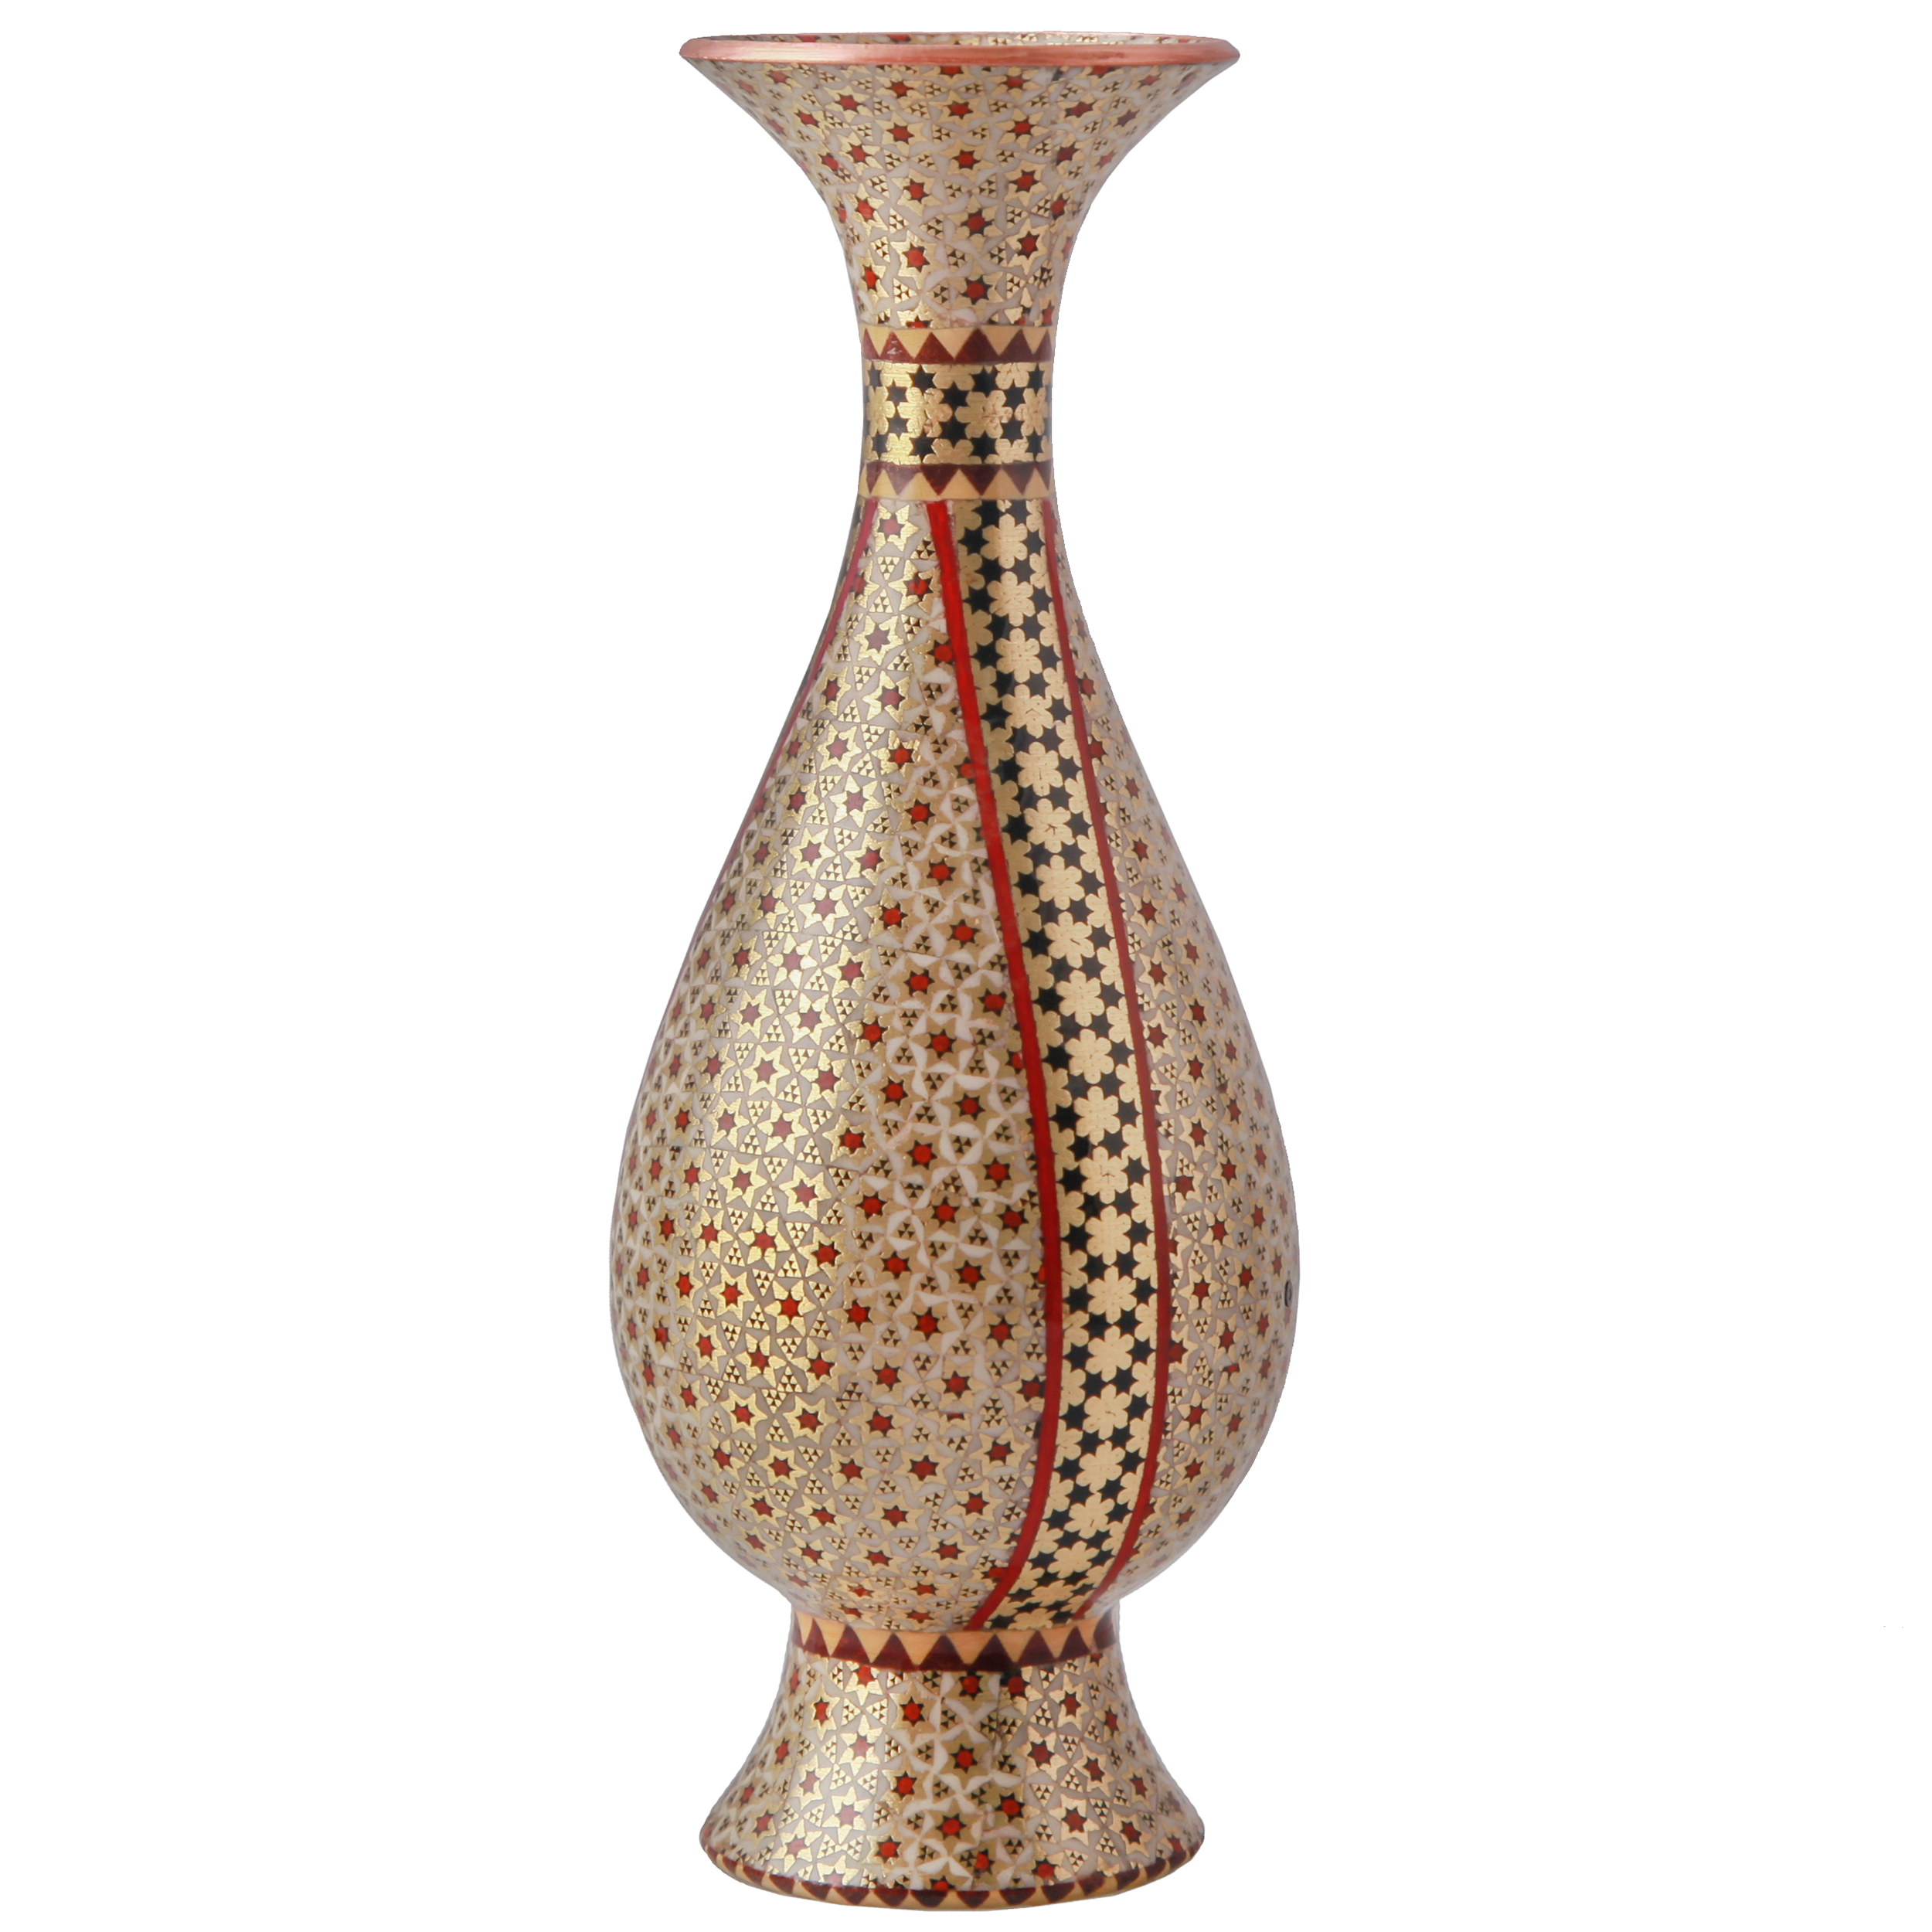 خرید                      گلدان خاتم کاری خاتم کوروش - کروبی کد 141318